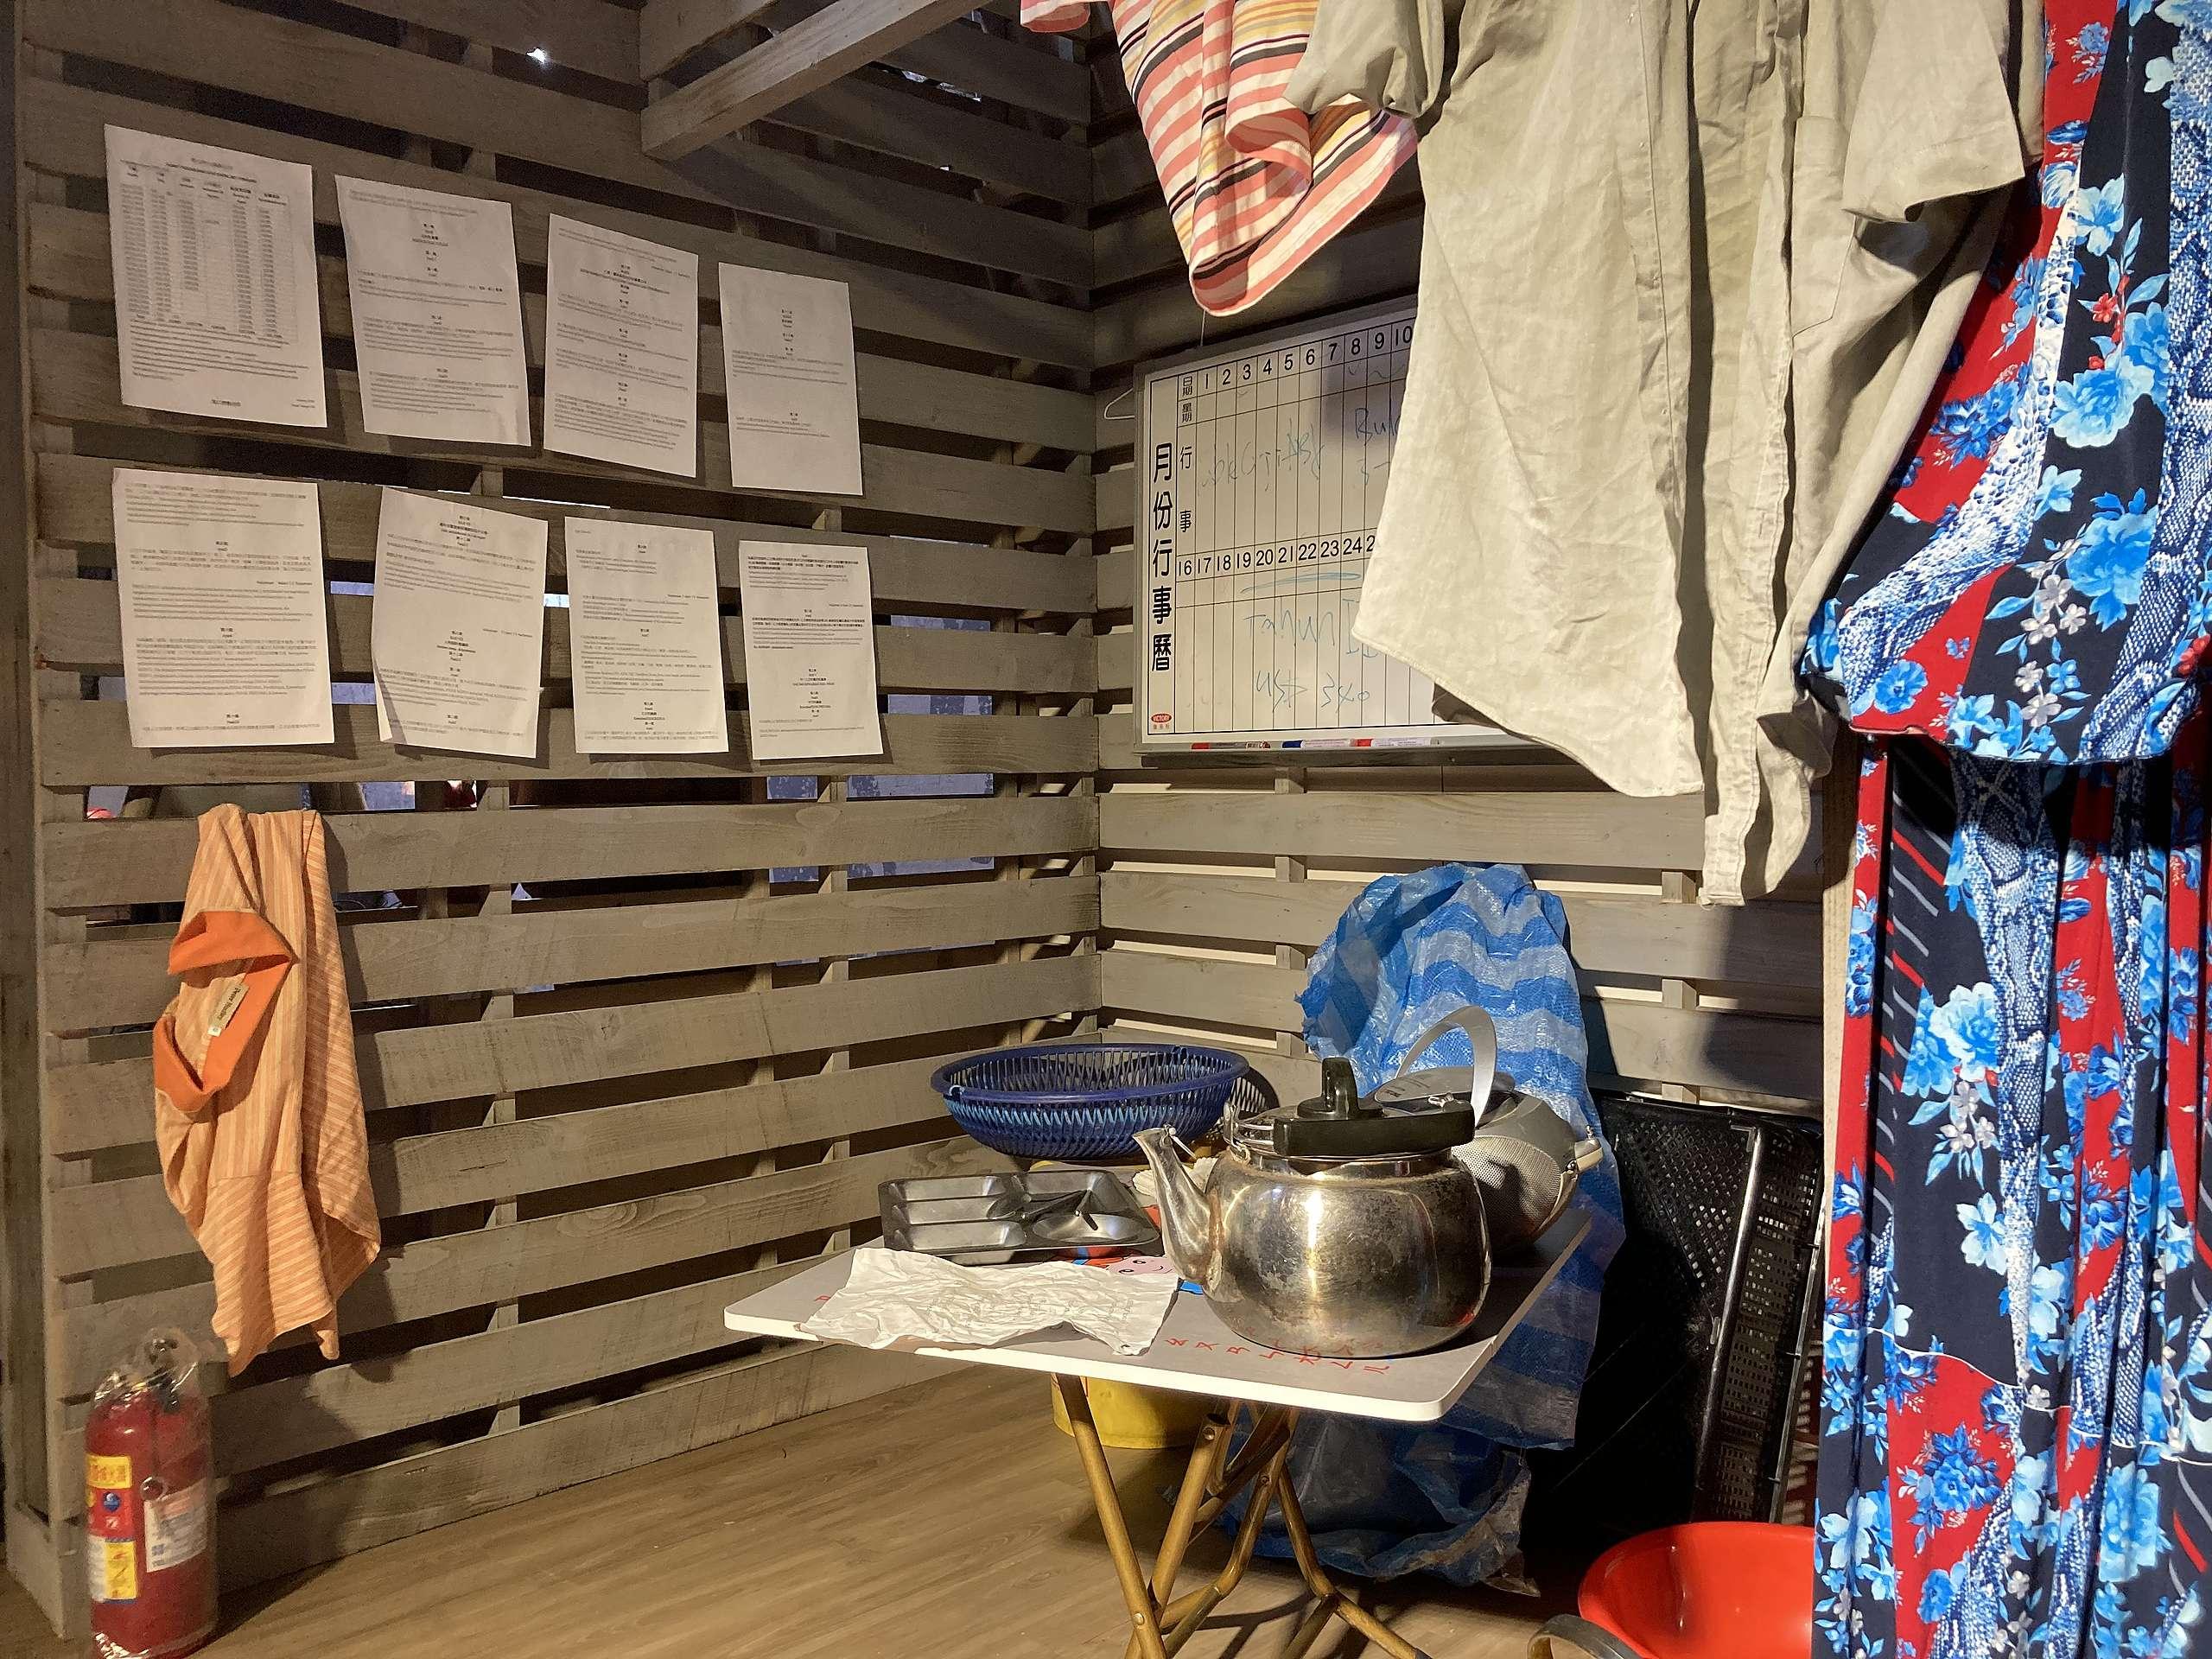 特展重現漁工工作環境,狹小的休息船艙、牆上張貼待遇不公的合約。